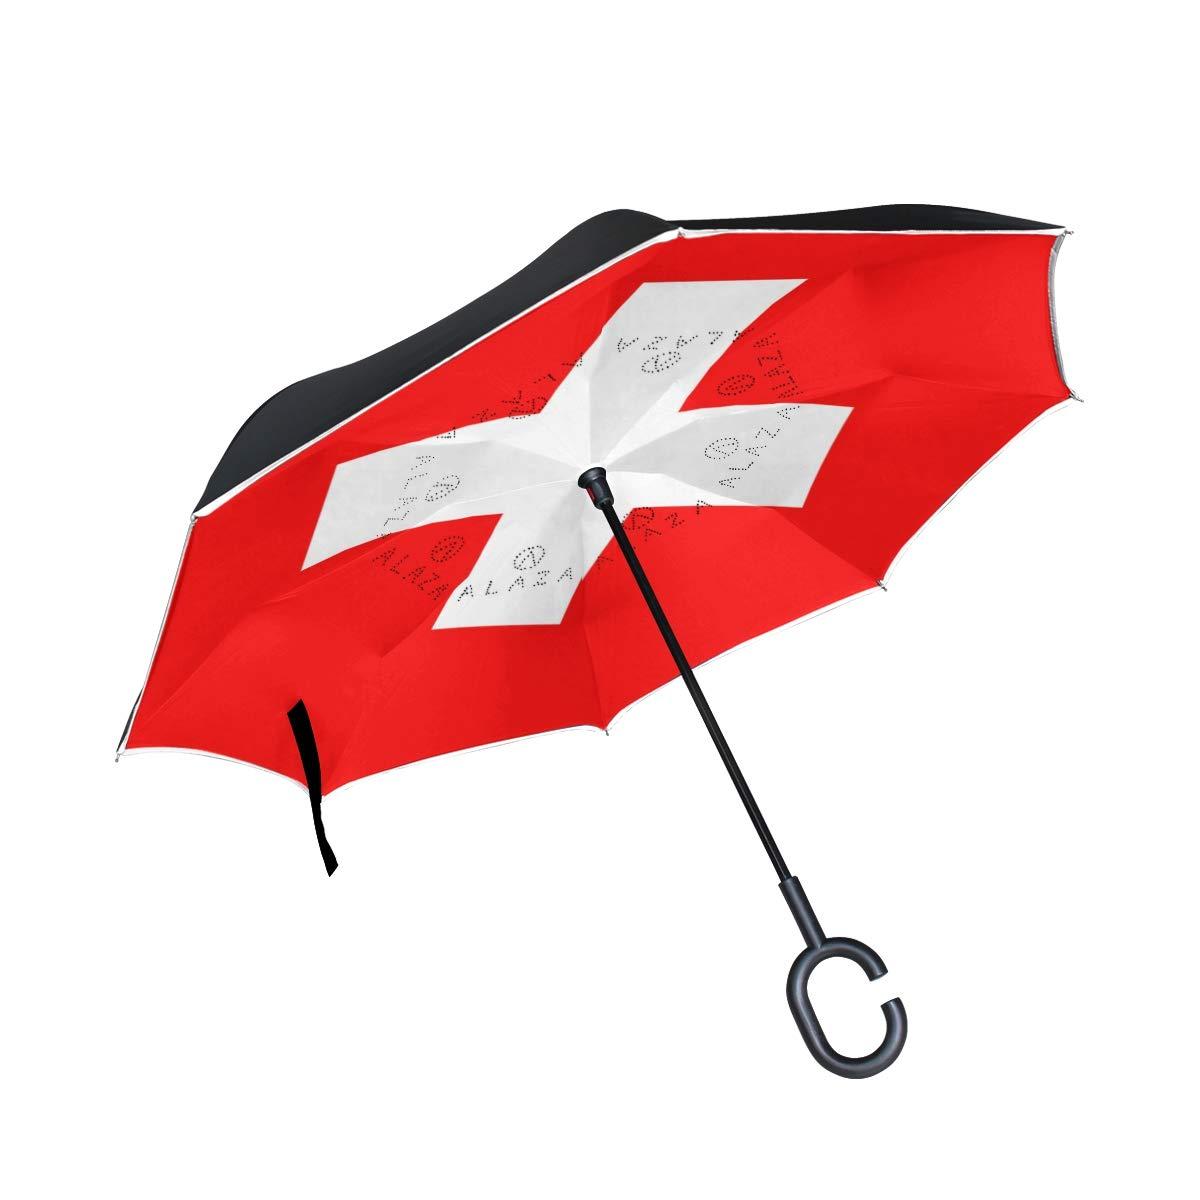 ダブルレイヤー 逆さ傘 逆折りたたみ傘 防風 UV保護 車 スイス国旗用   B07G9JZ9DP